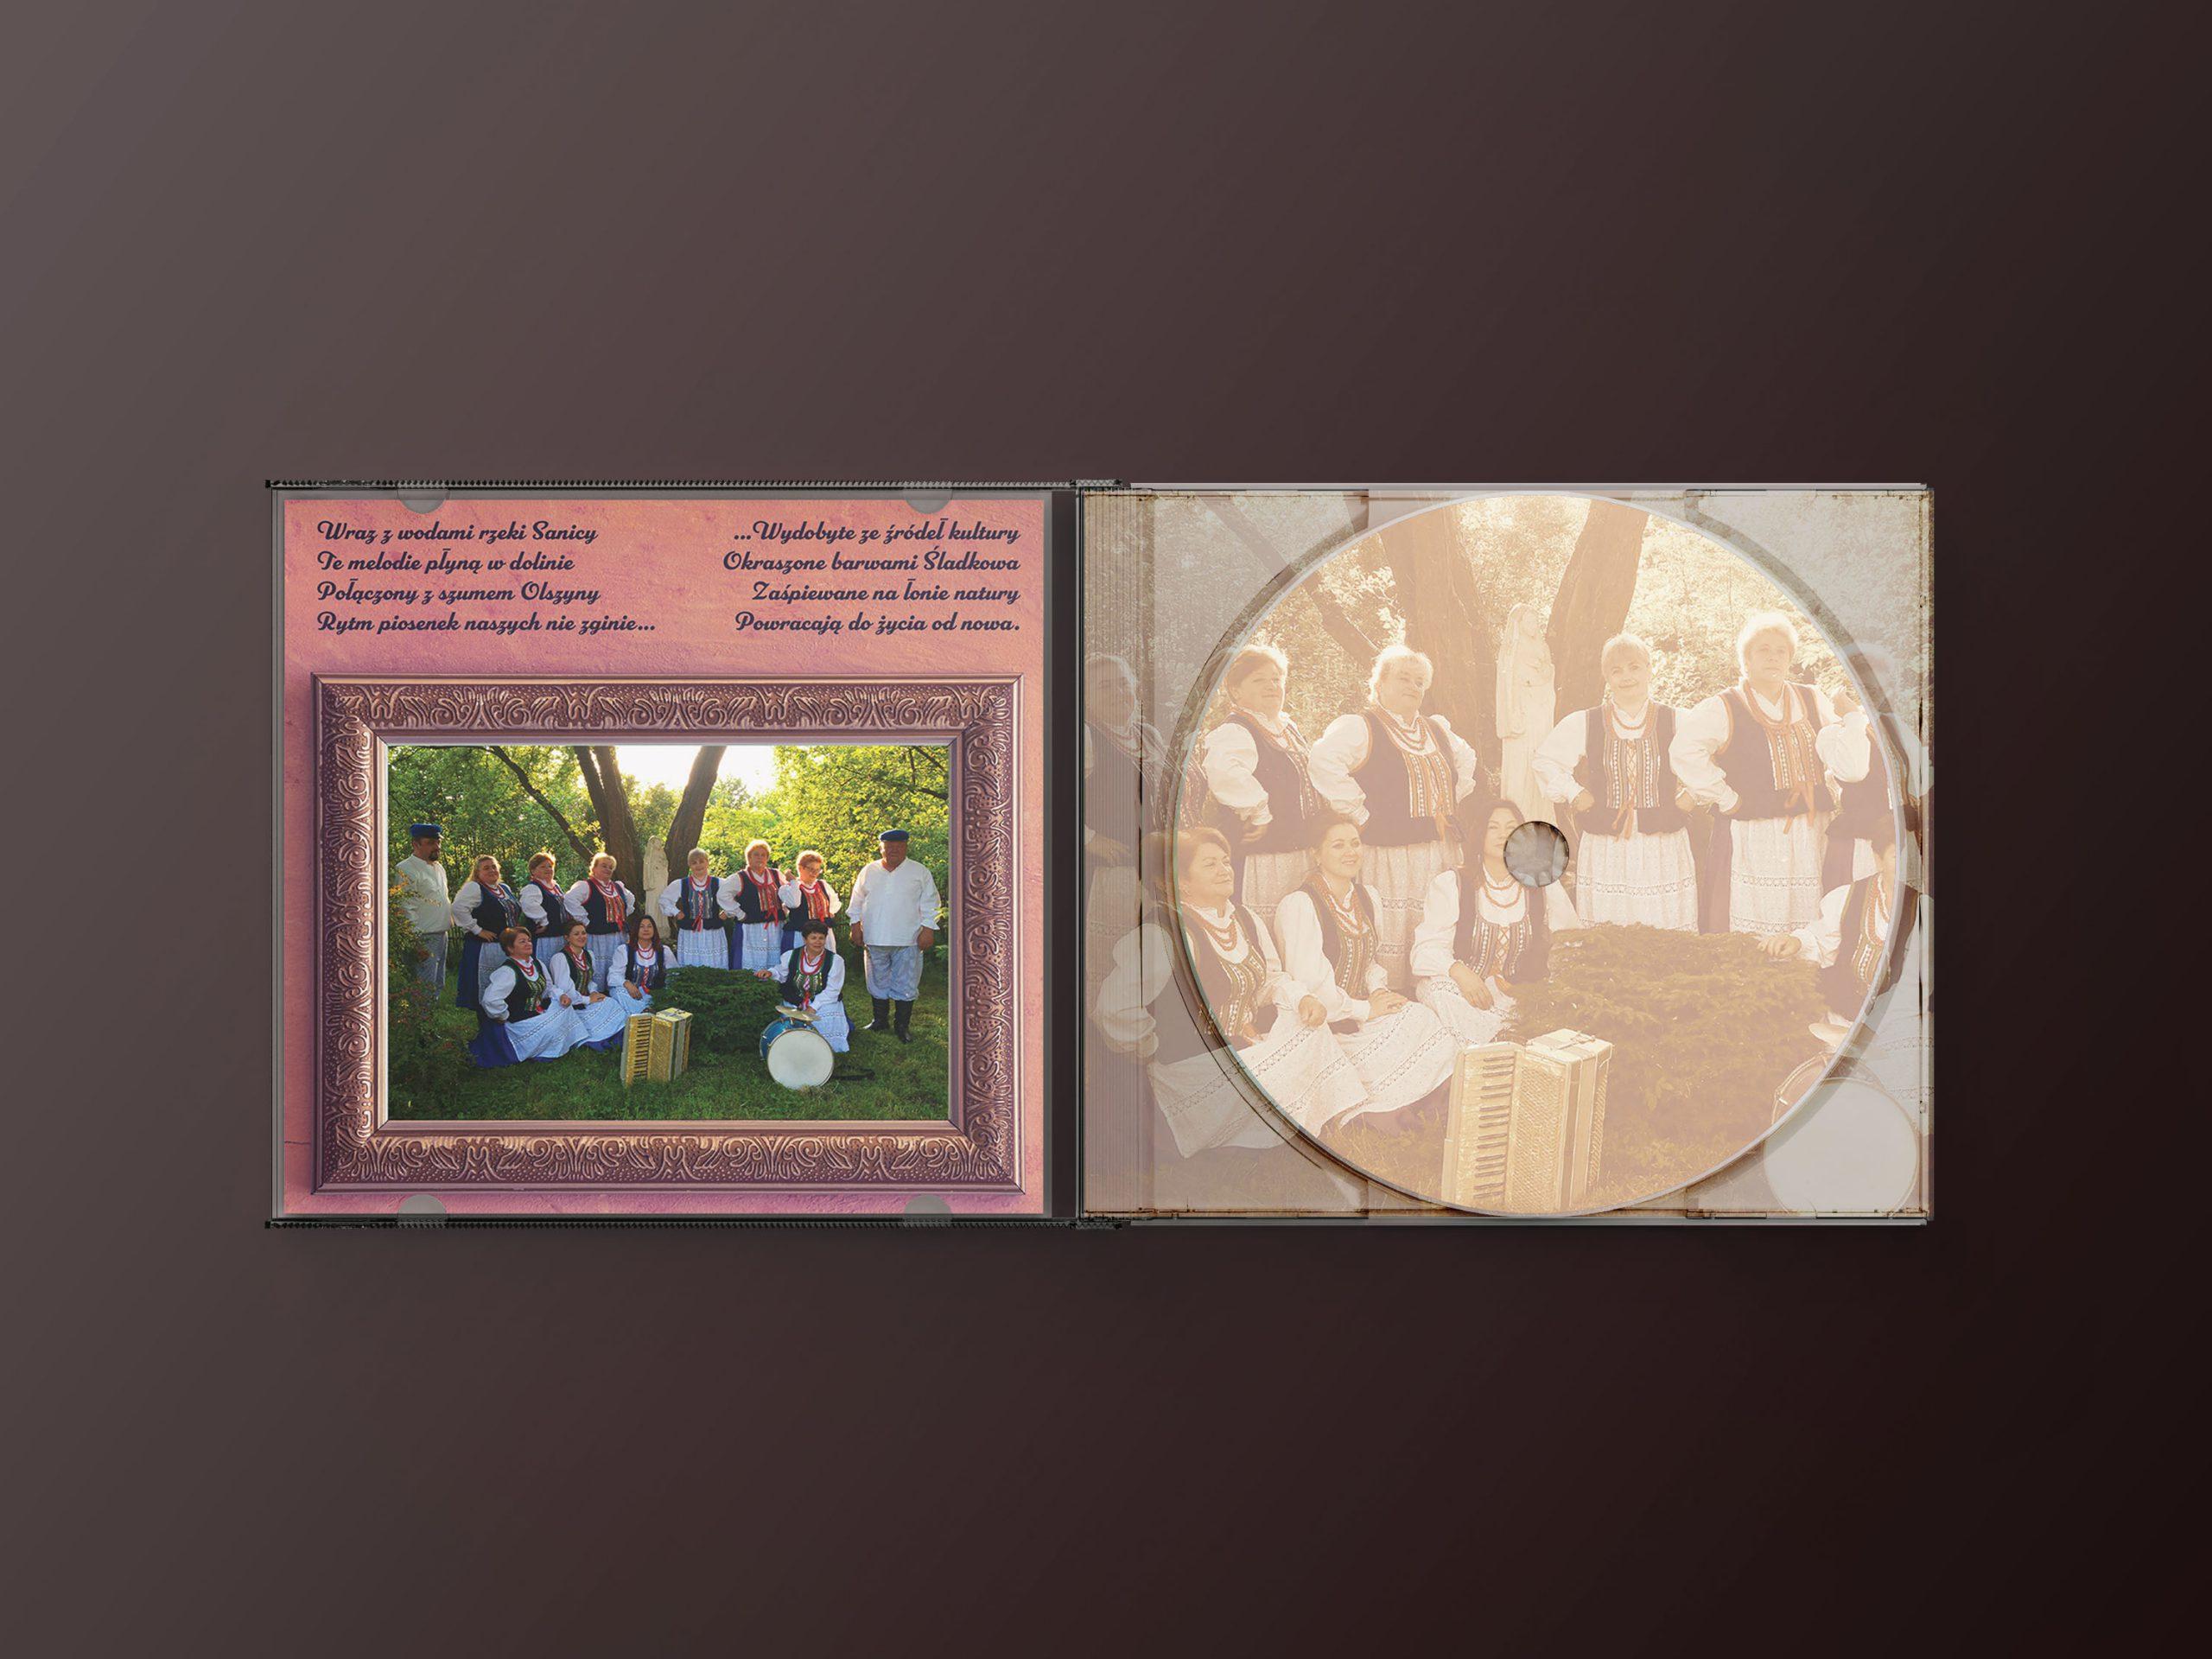 cd mockup 3